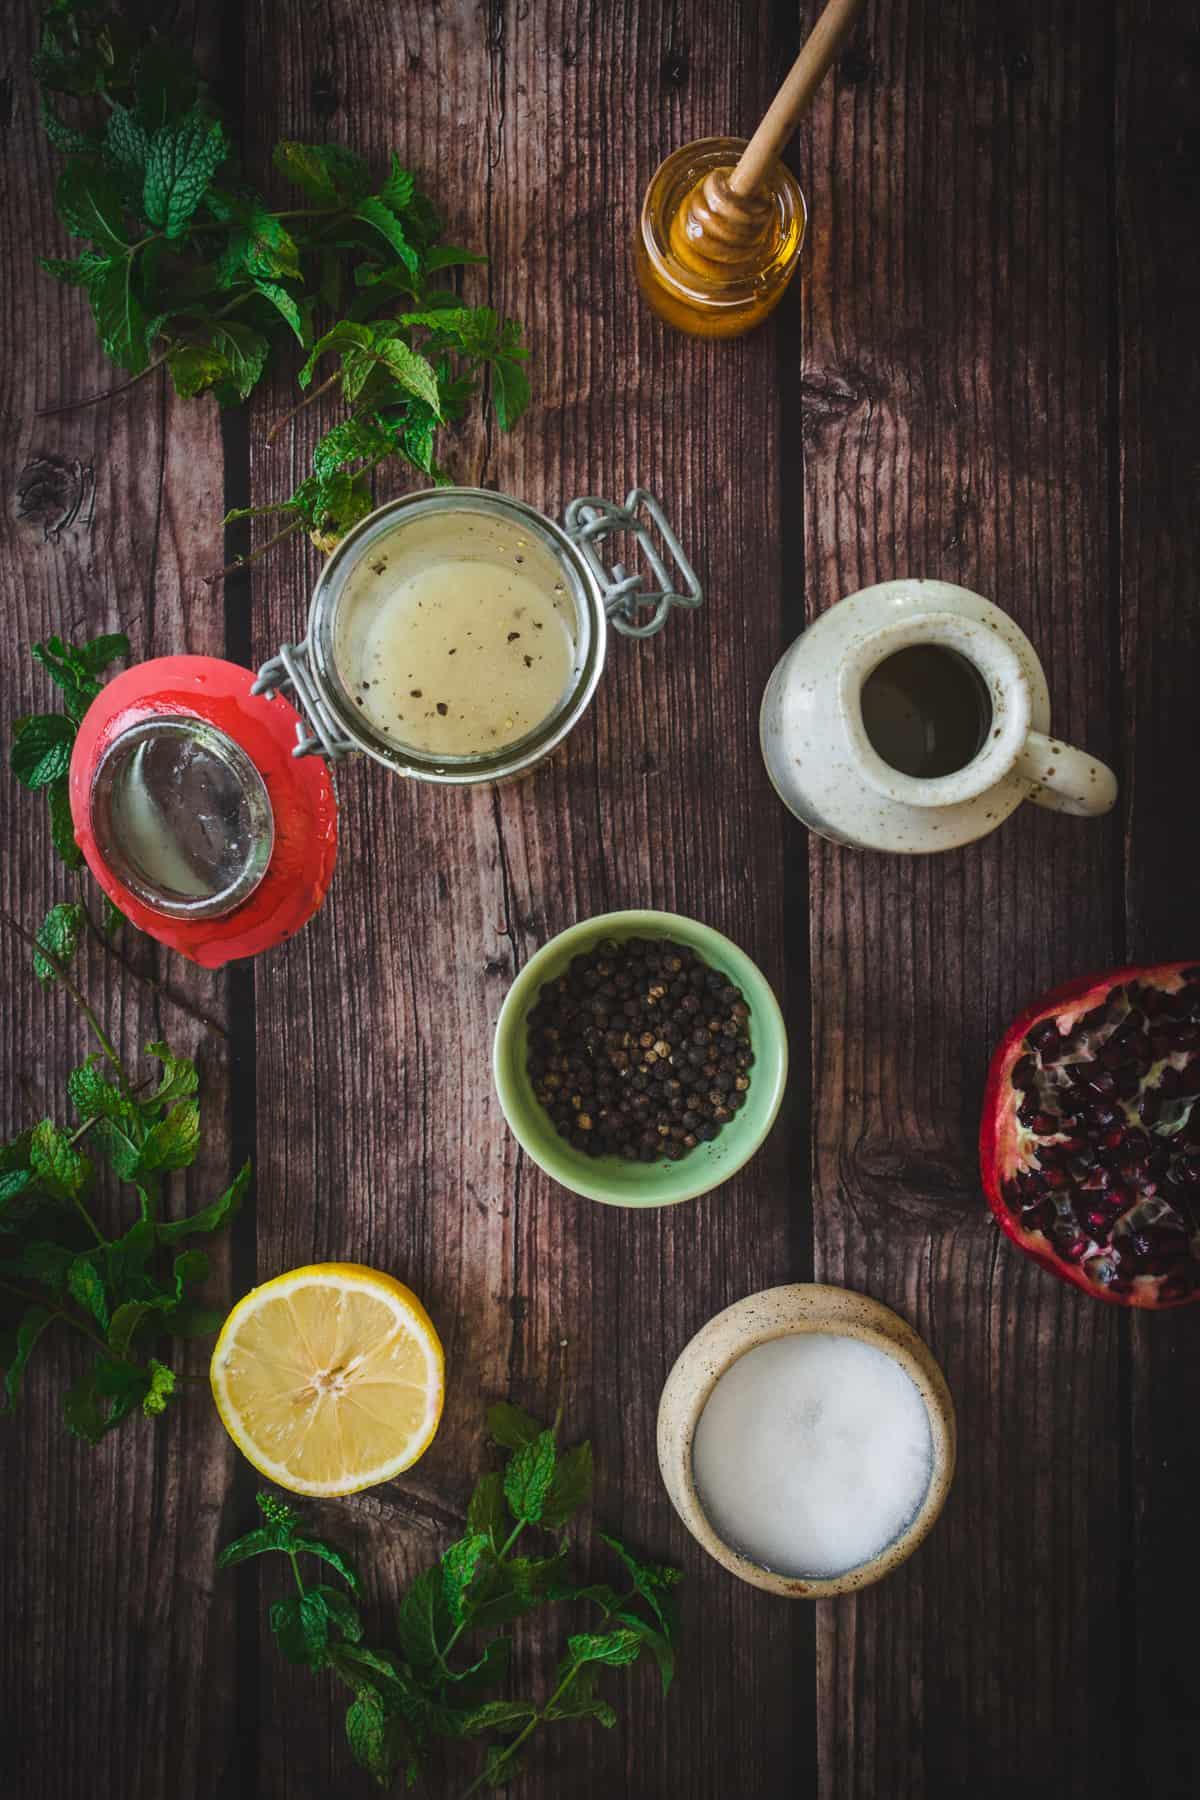 ingredients for honey vinaigrette